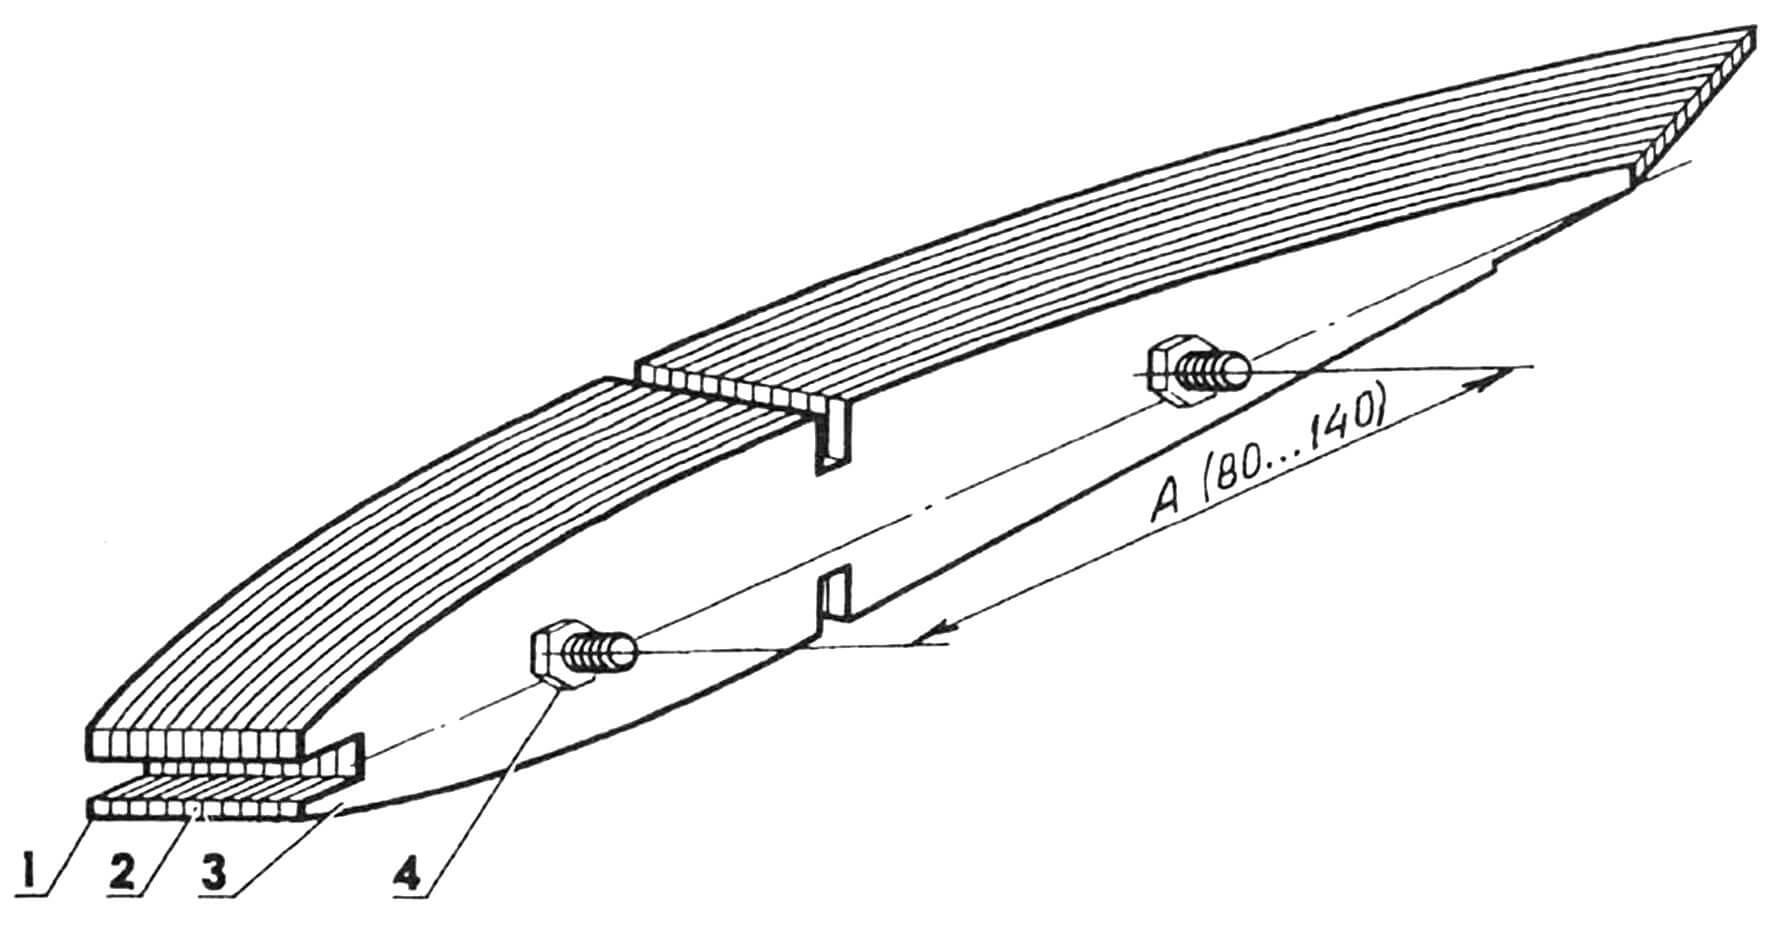 Пакет нервюр: 1 — шаблон корневой нервюры; 2 — пакет опиливаемых заготовок нервюр; 3 — шаблон концевой нервюры; 4 — болт с гайкой (2 шт.).